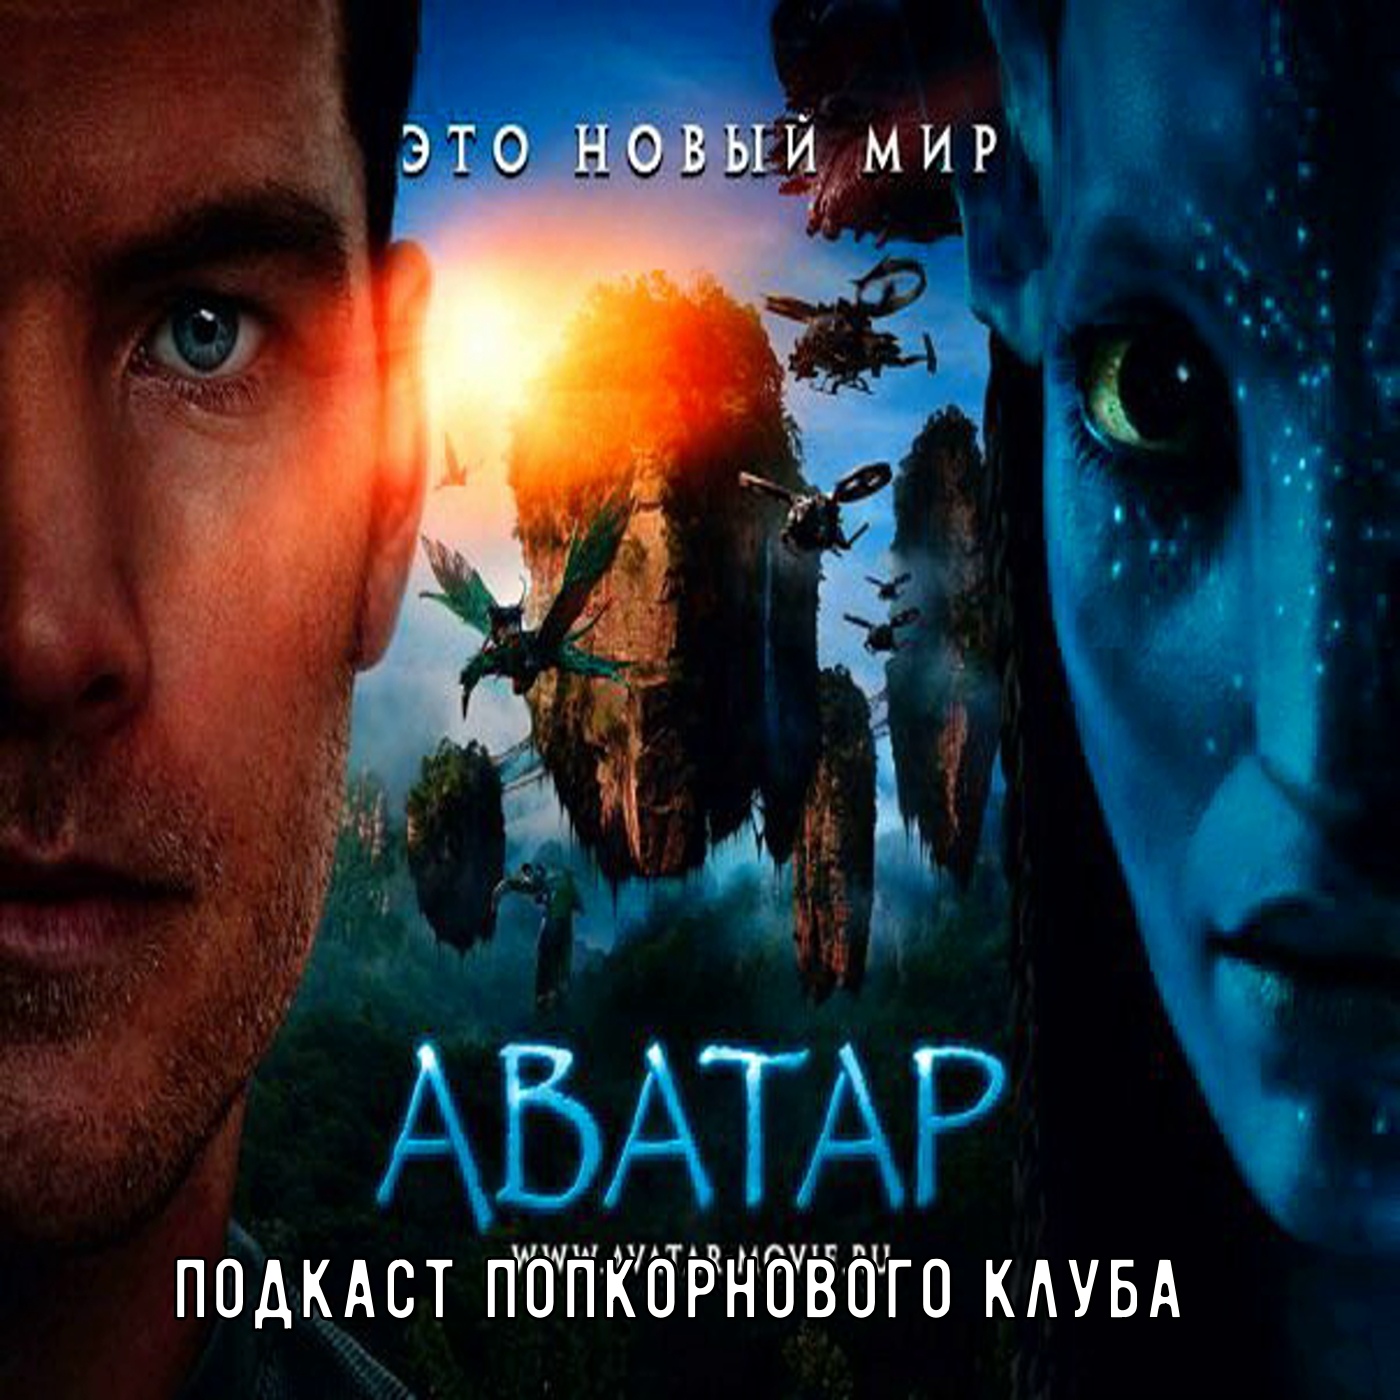 Аватар (2009) - Попкорновый клуб